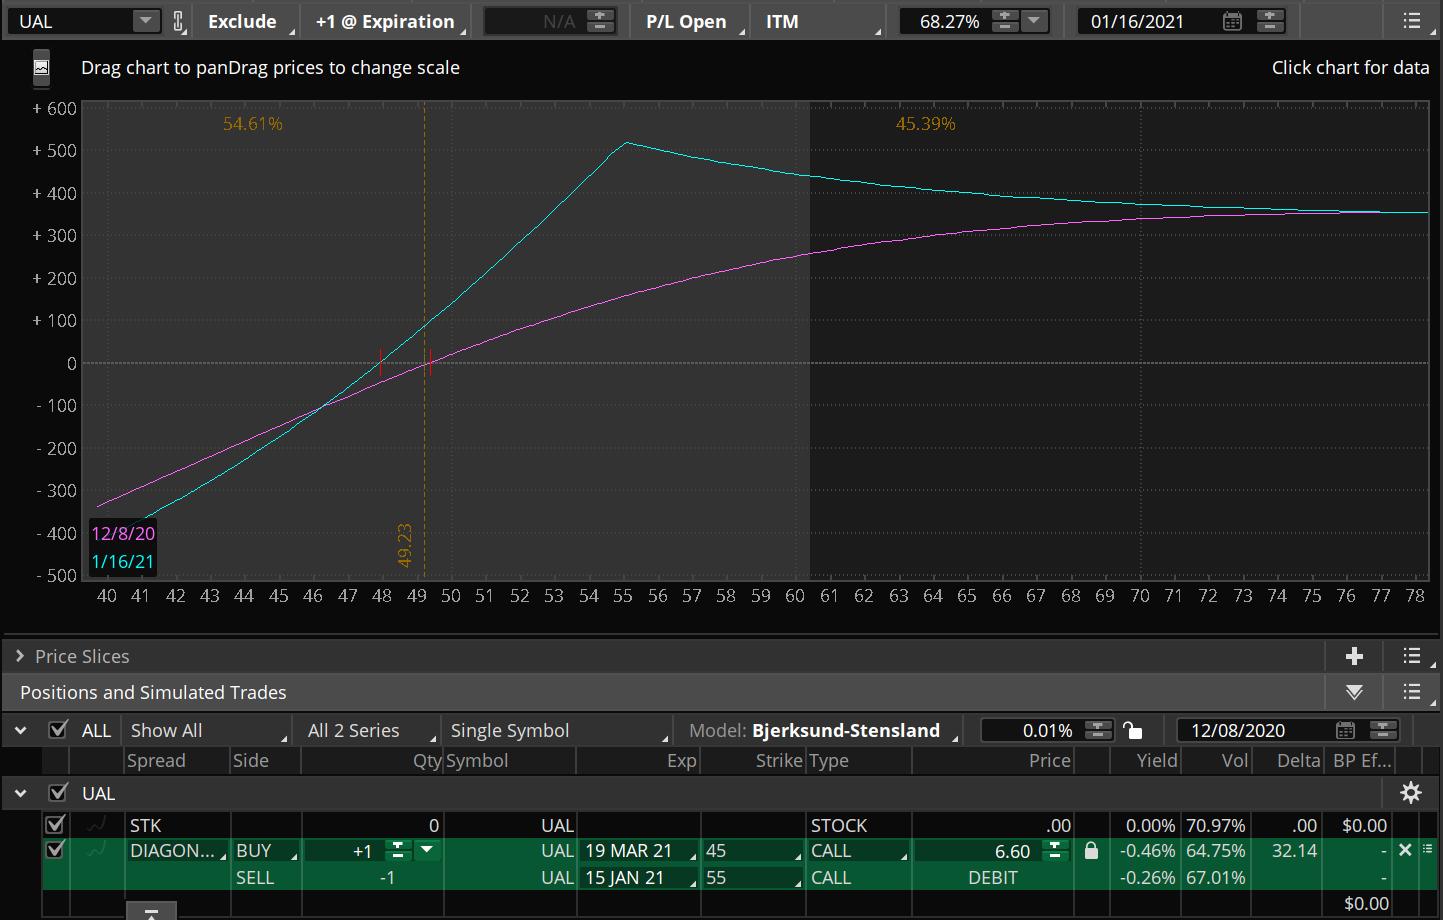 UAL bull call diagonal risk graph